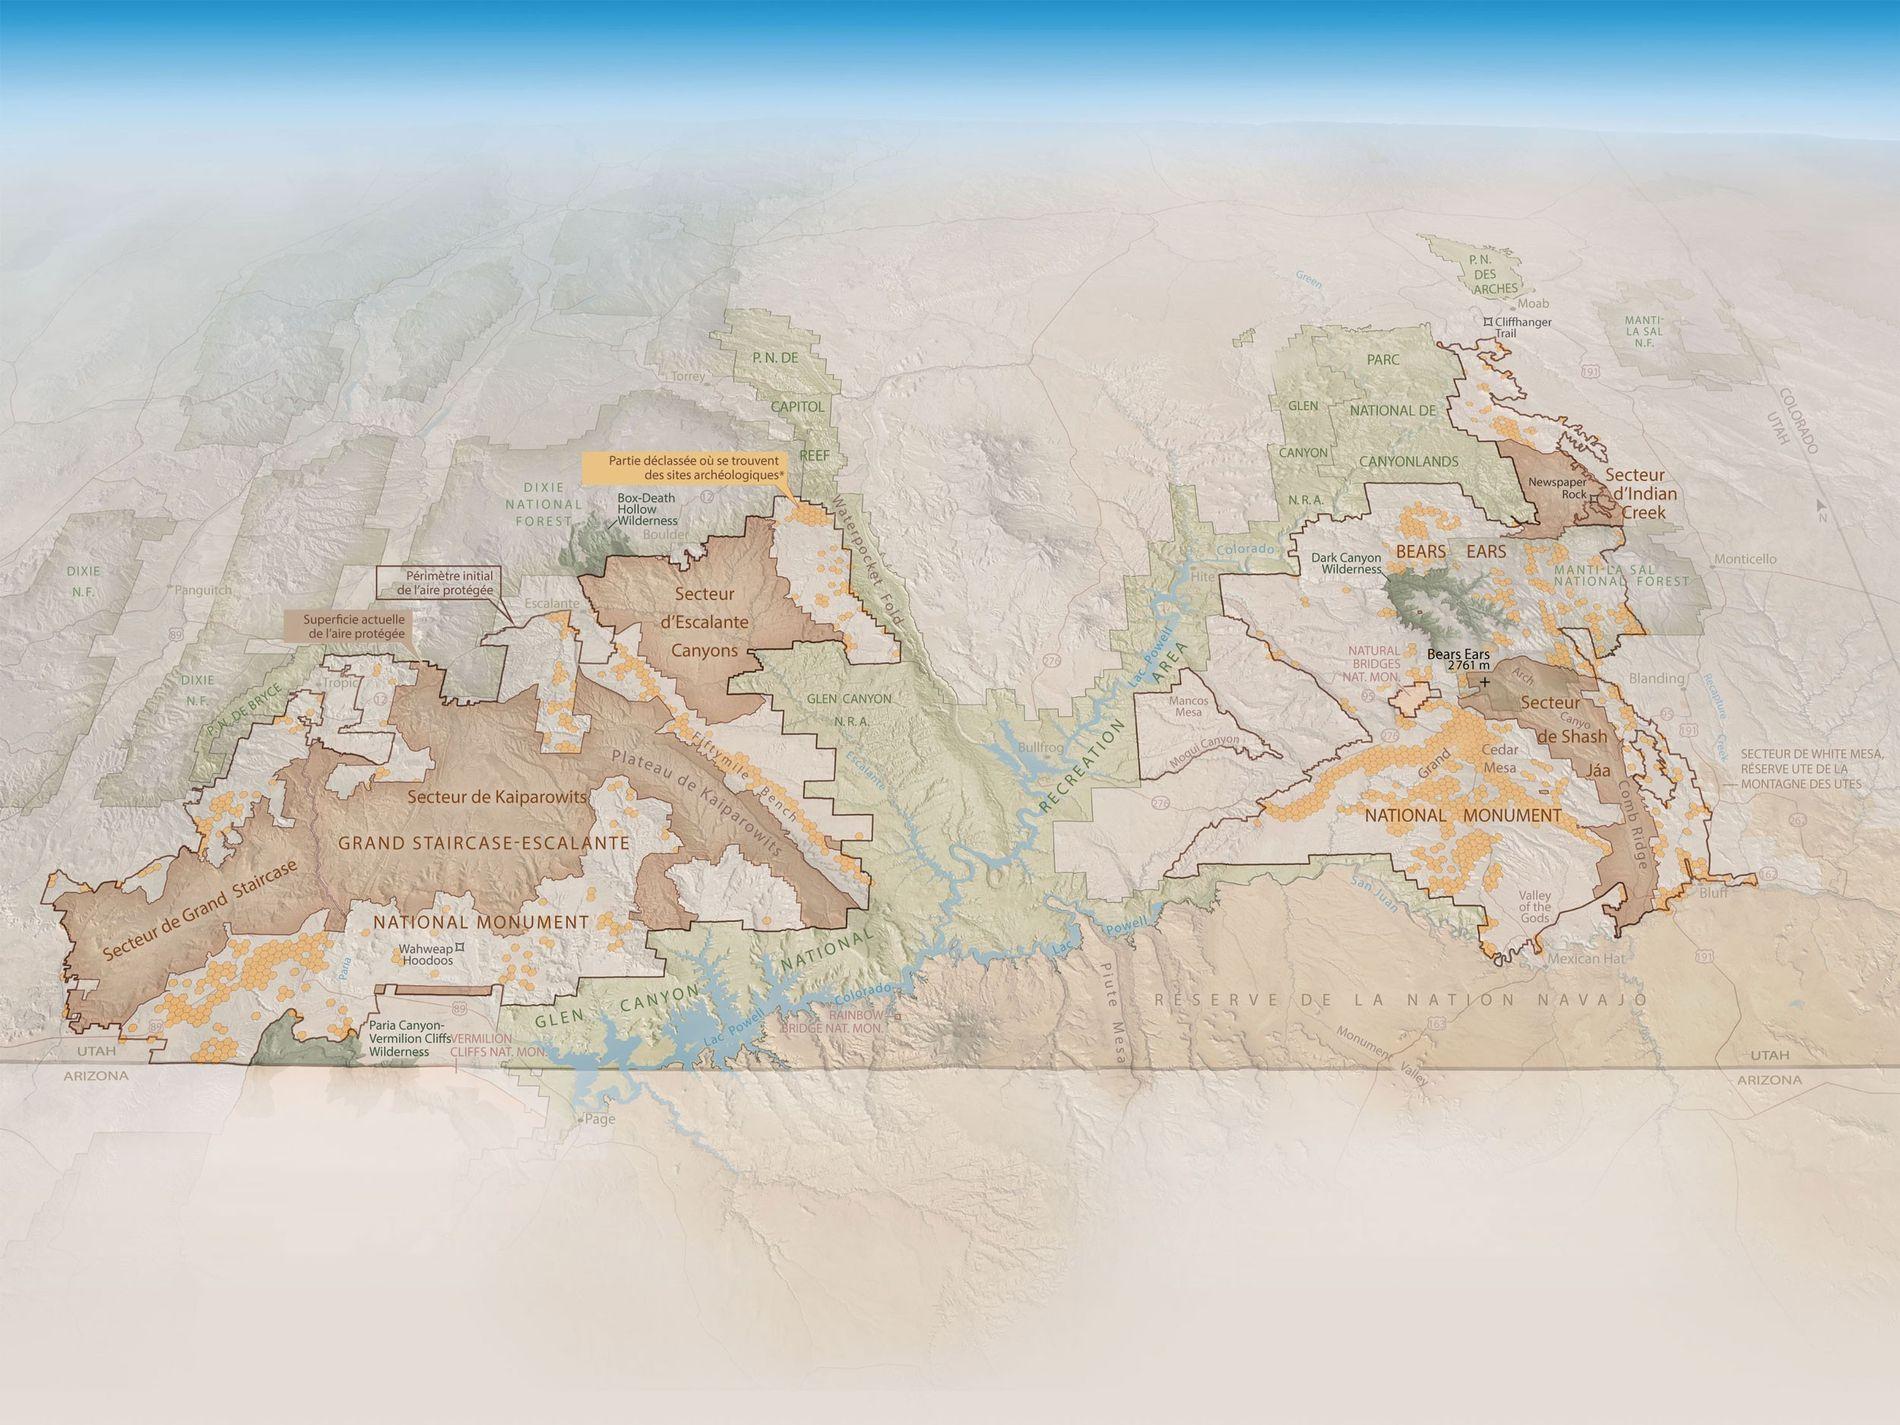 Carte résumant les enjeux miniers à Bears Ears National Monument et à Grand Staircase-Escalante, publiée dans le numéro 230 du magazine National Geographic, daté de novembre 2018.